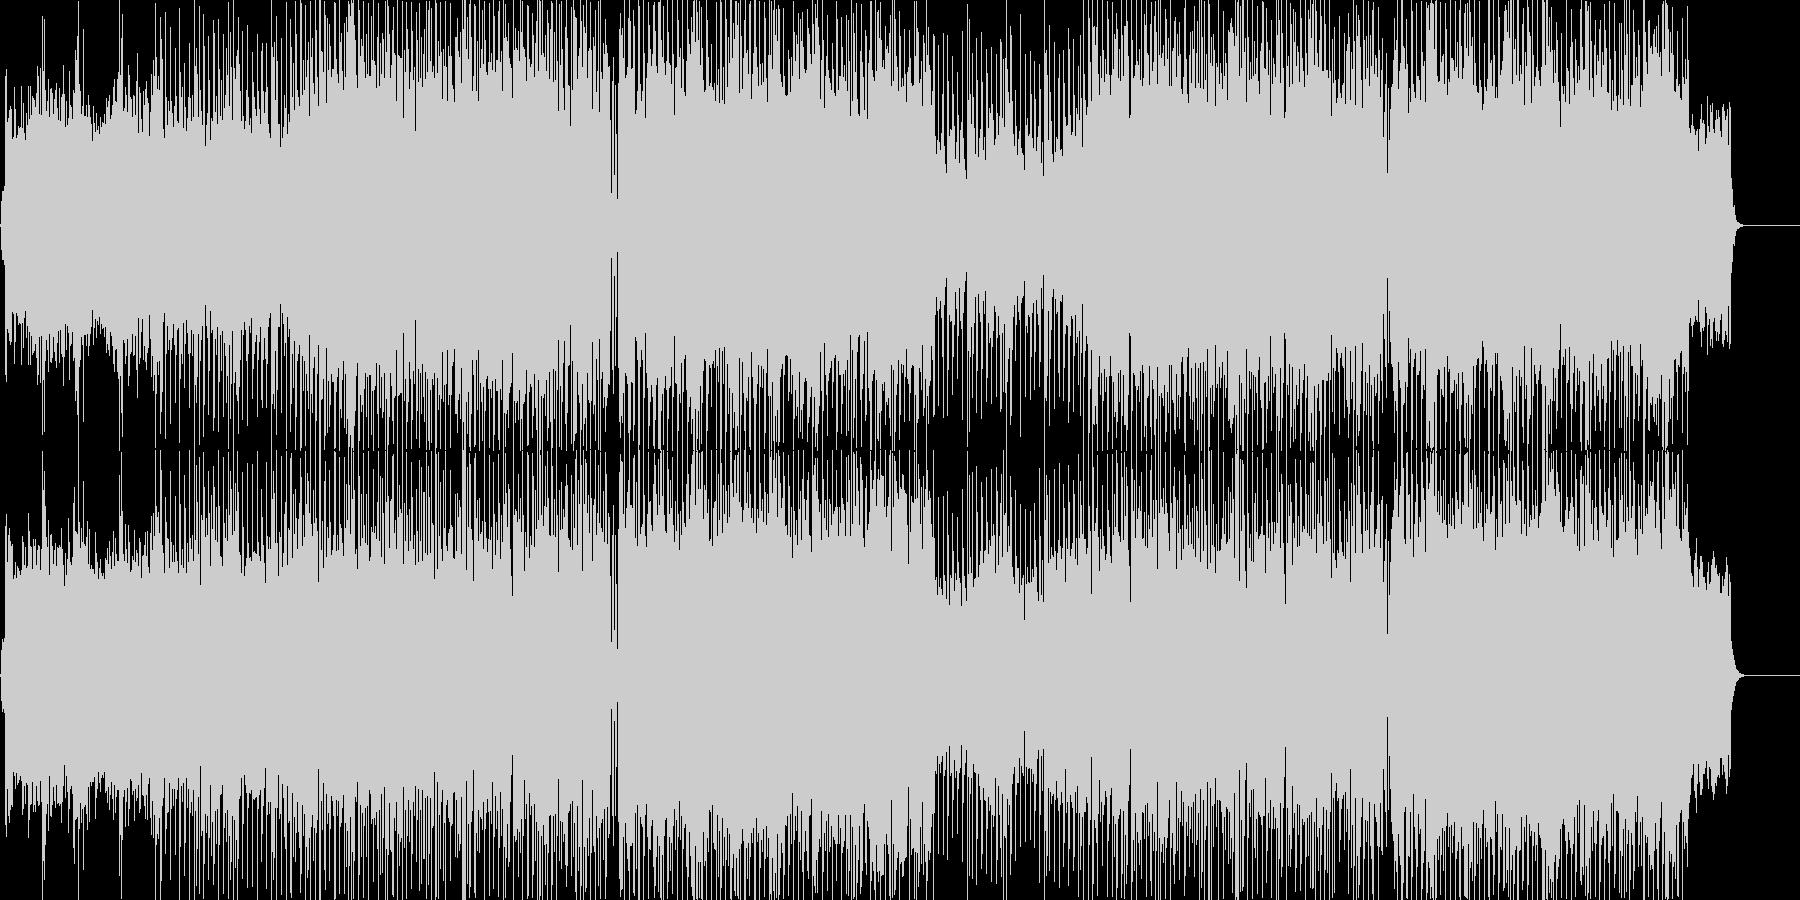 ポップなオーケストラ(物語の始まり)の未再生の波形